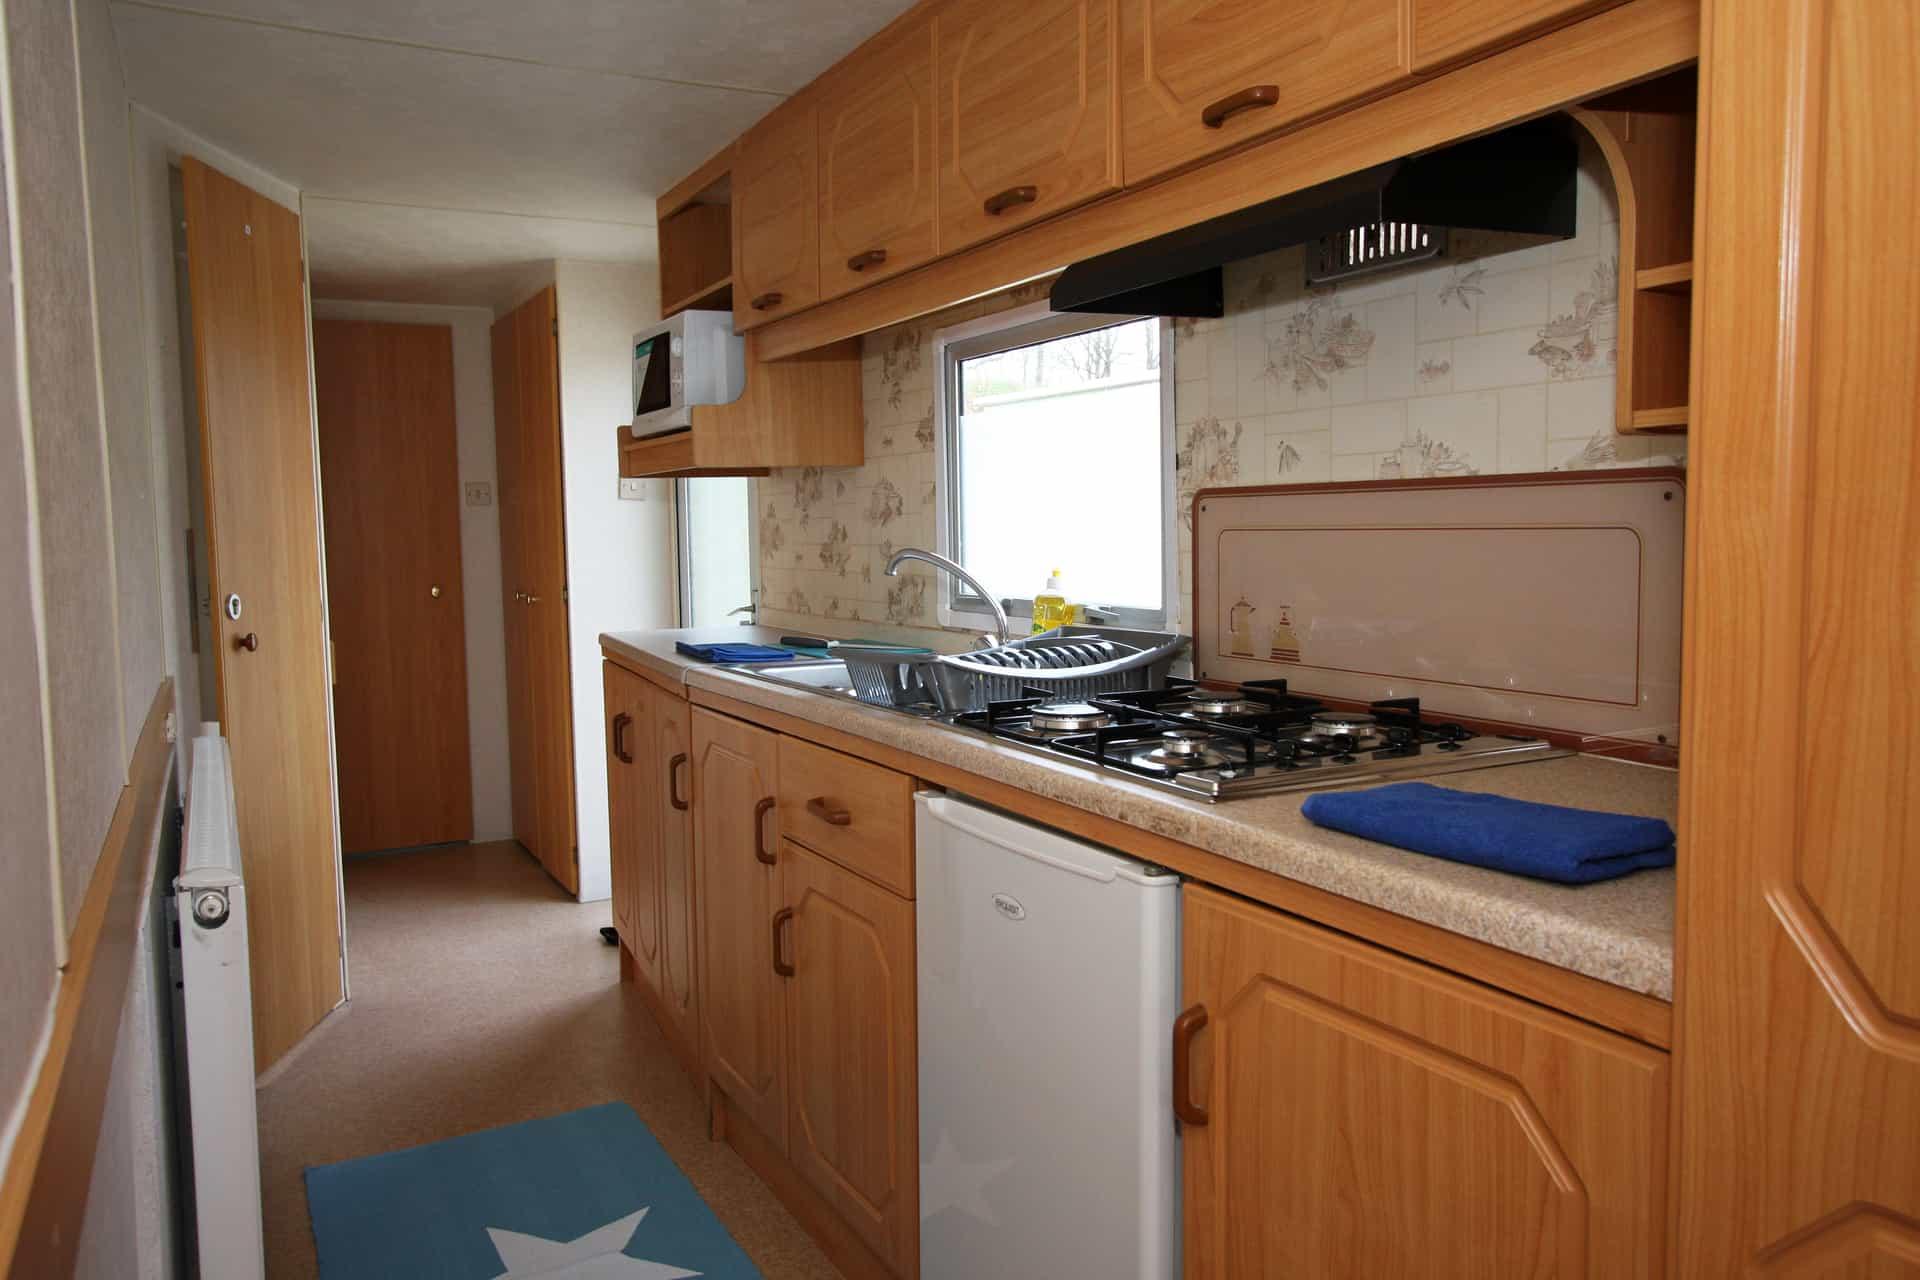 Inrichting woning tijdelijke woonruimte huren in drenthe for Tijdelijke woonruimte